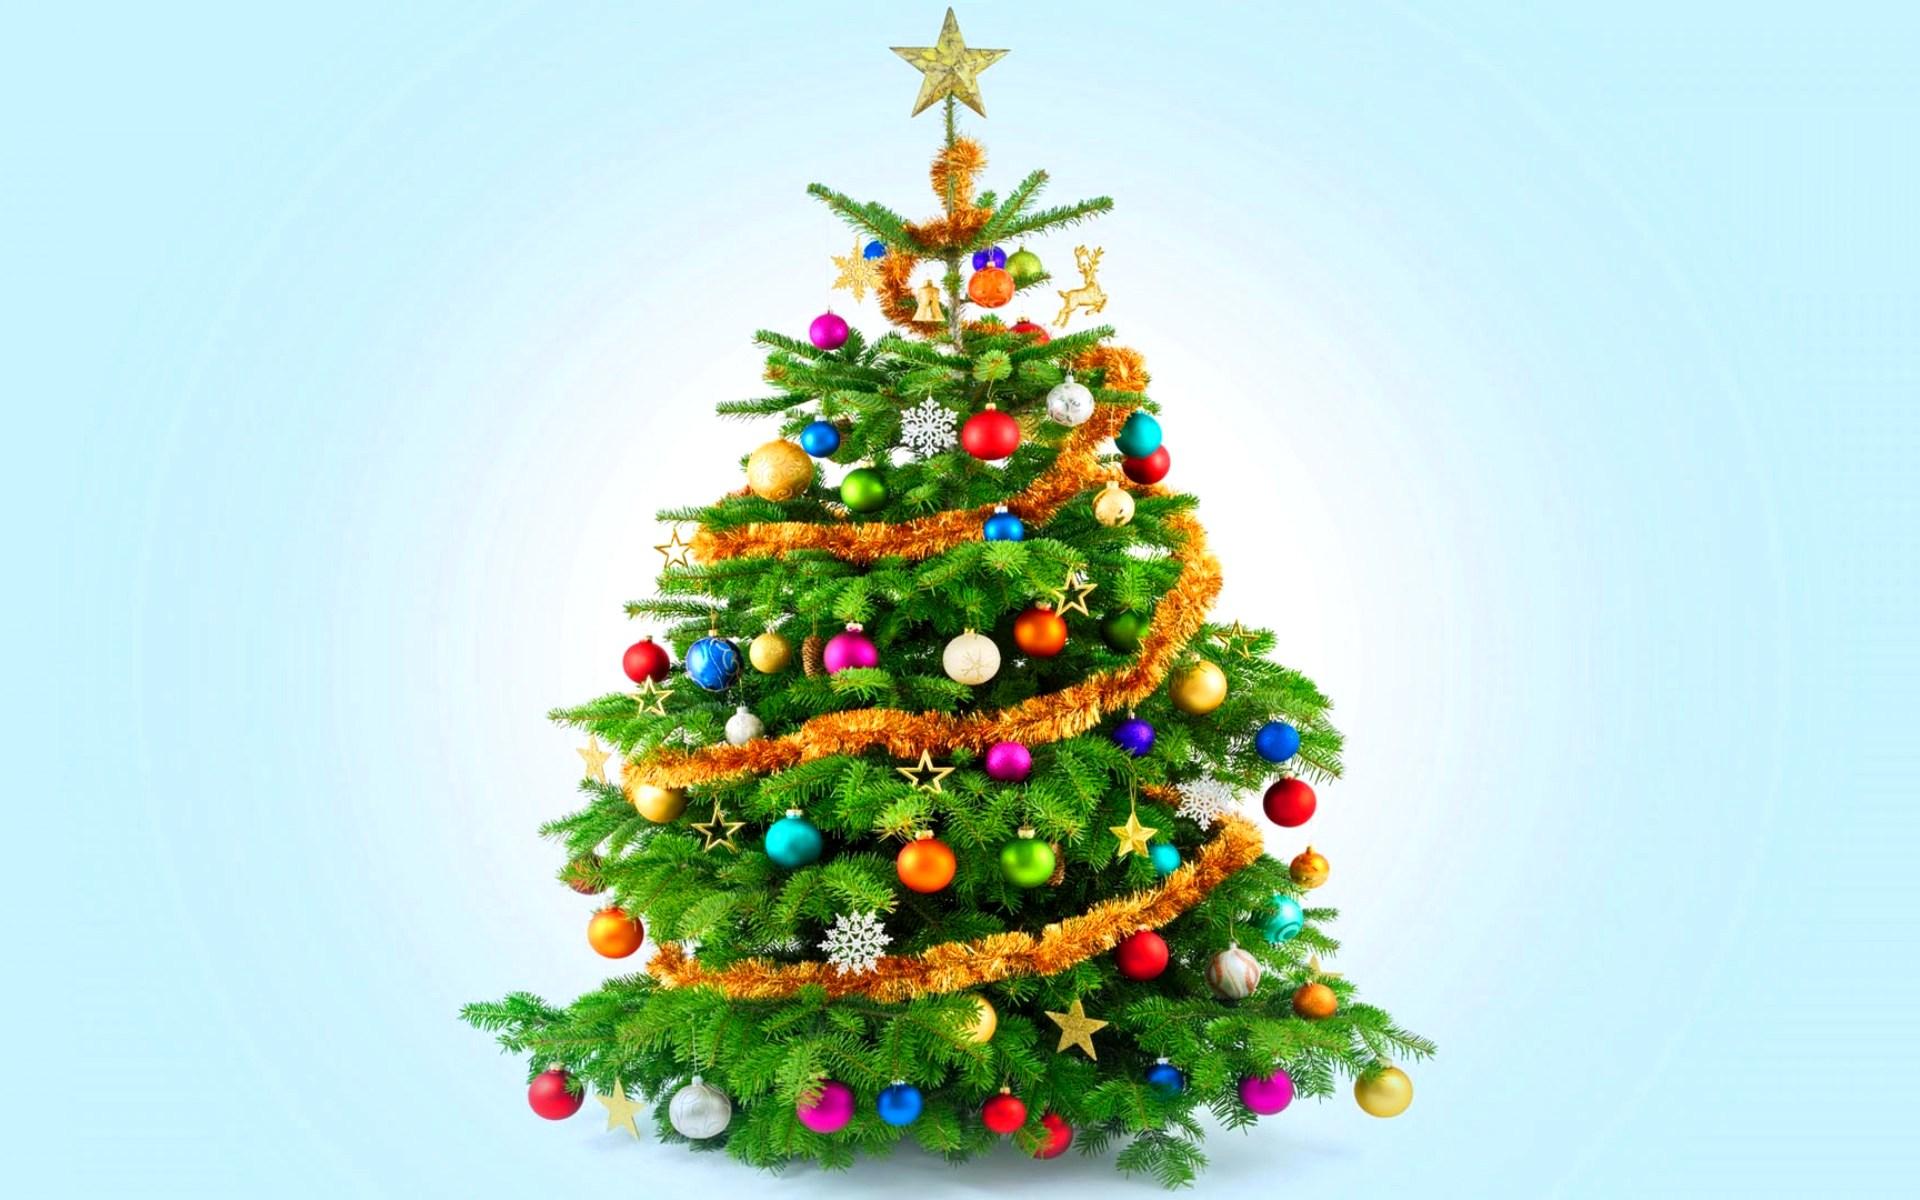 Елка новогодняя - C наступающим новым годом 2017 поздравительные картинки